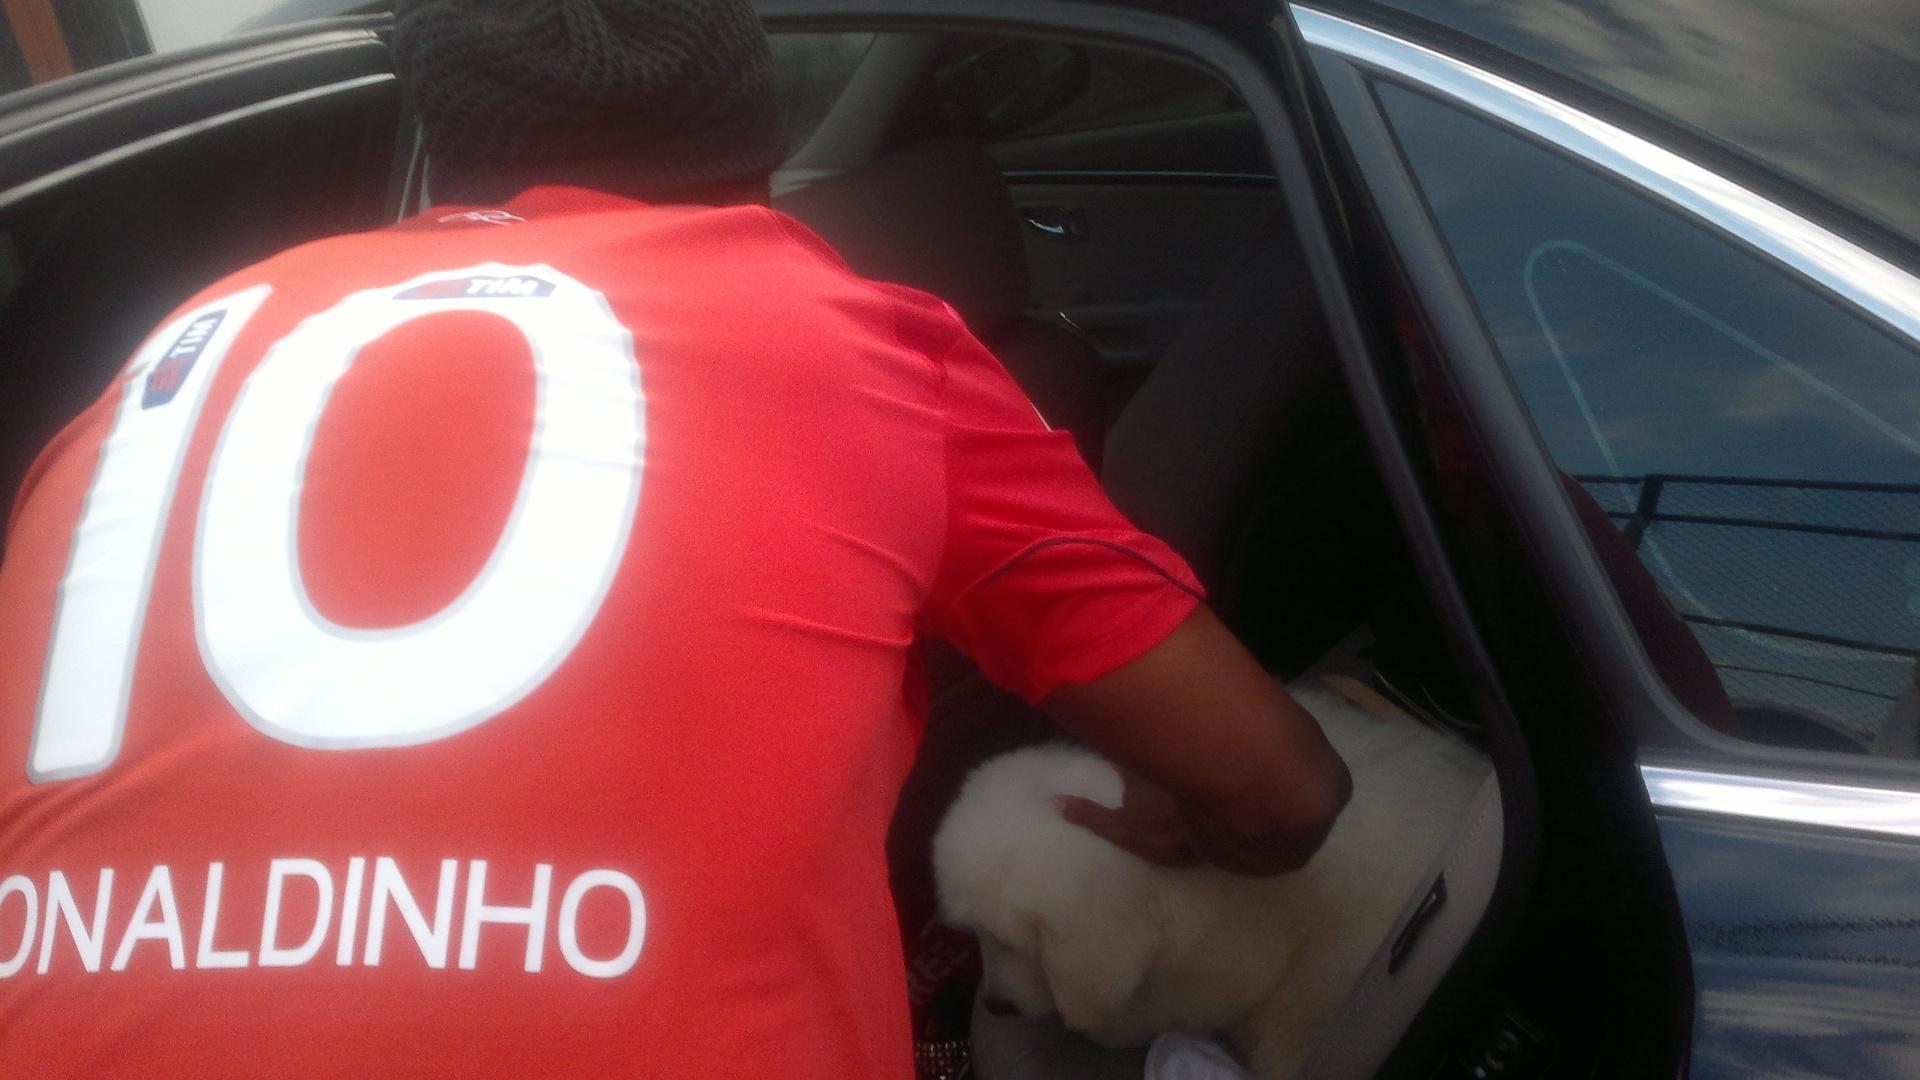 Ronaldinho acomodou o cachorro no banco de trás de seu carro antes de deixar a Gávea